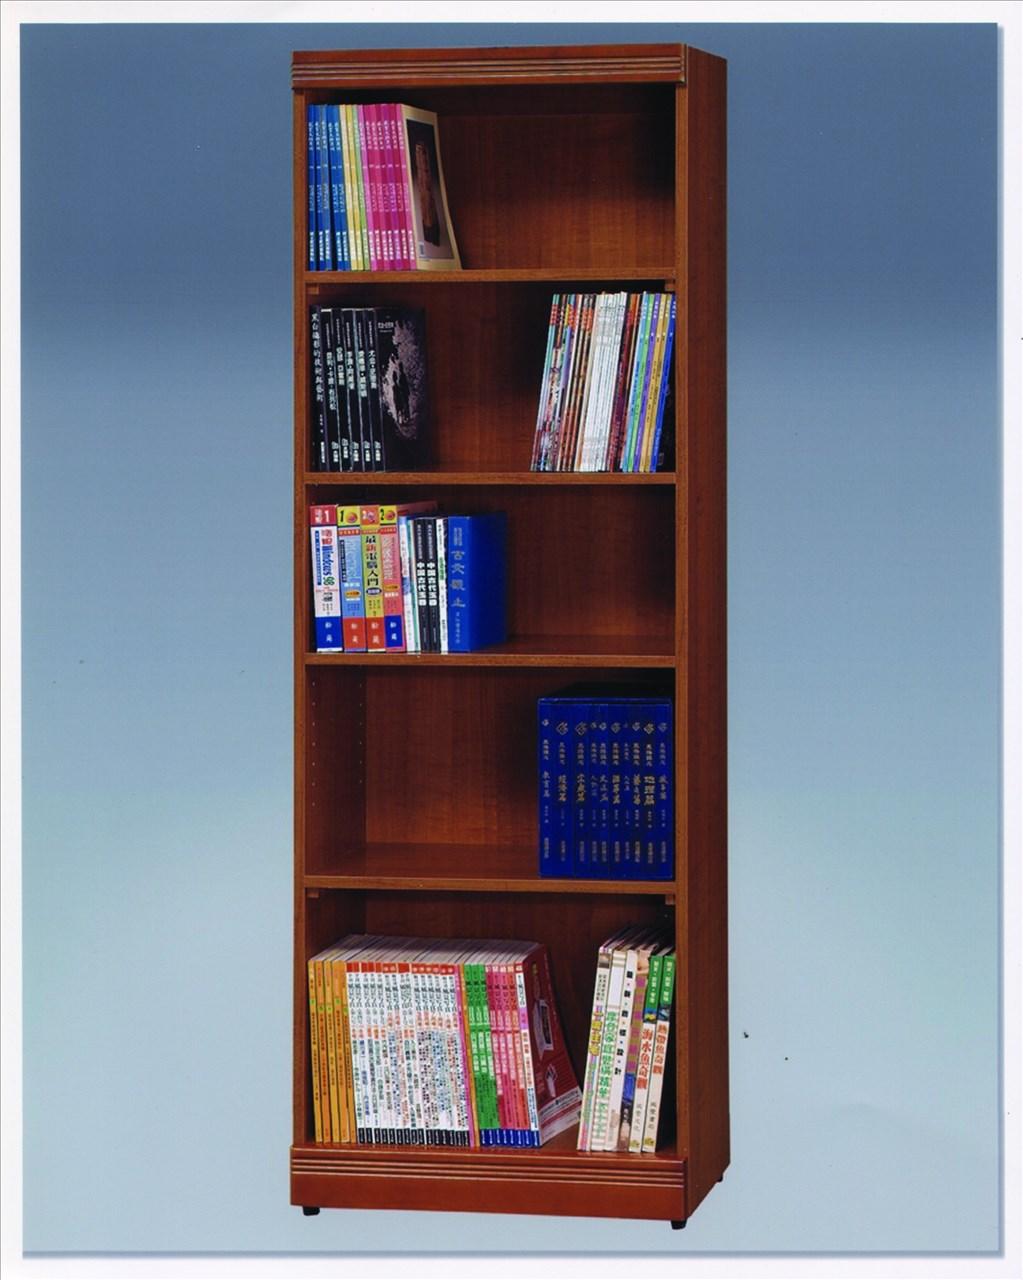 【石川家居】OU-725-4 柚木色2*6尺開放書架 (不含其他商品) 需搭配車趟